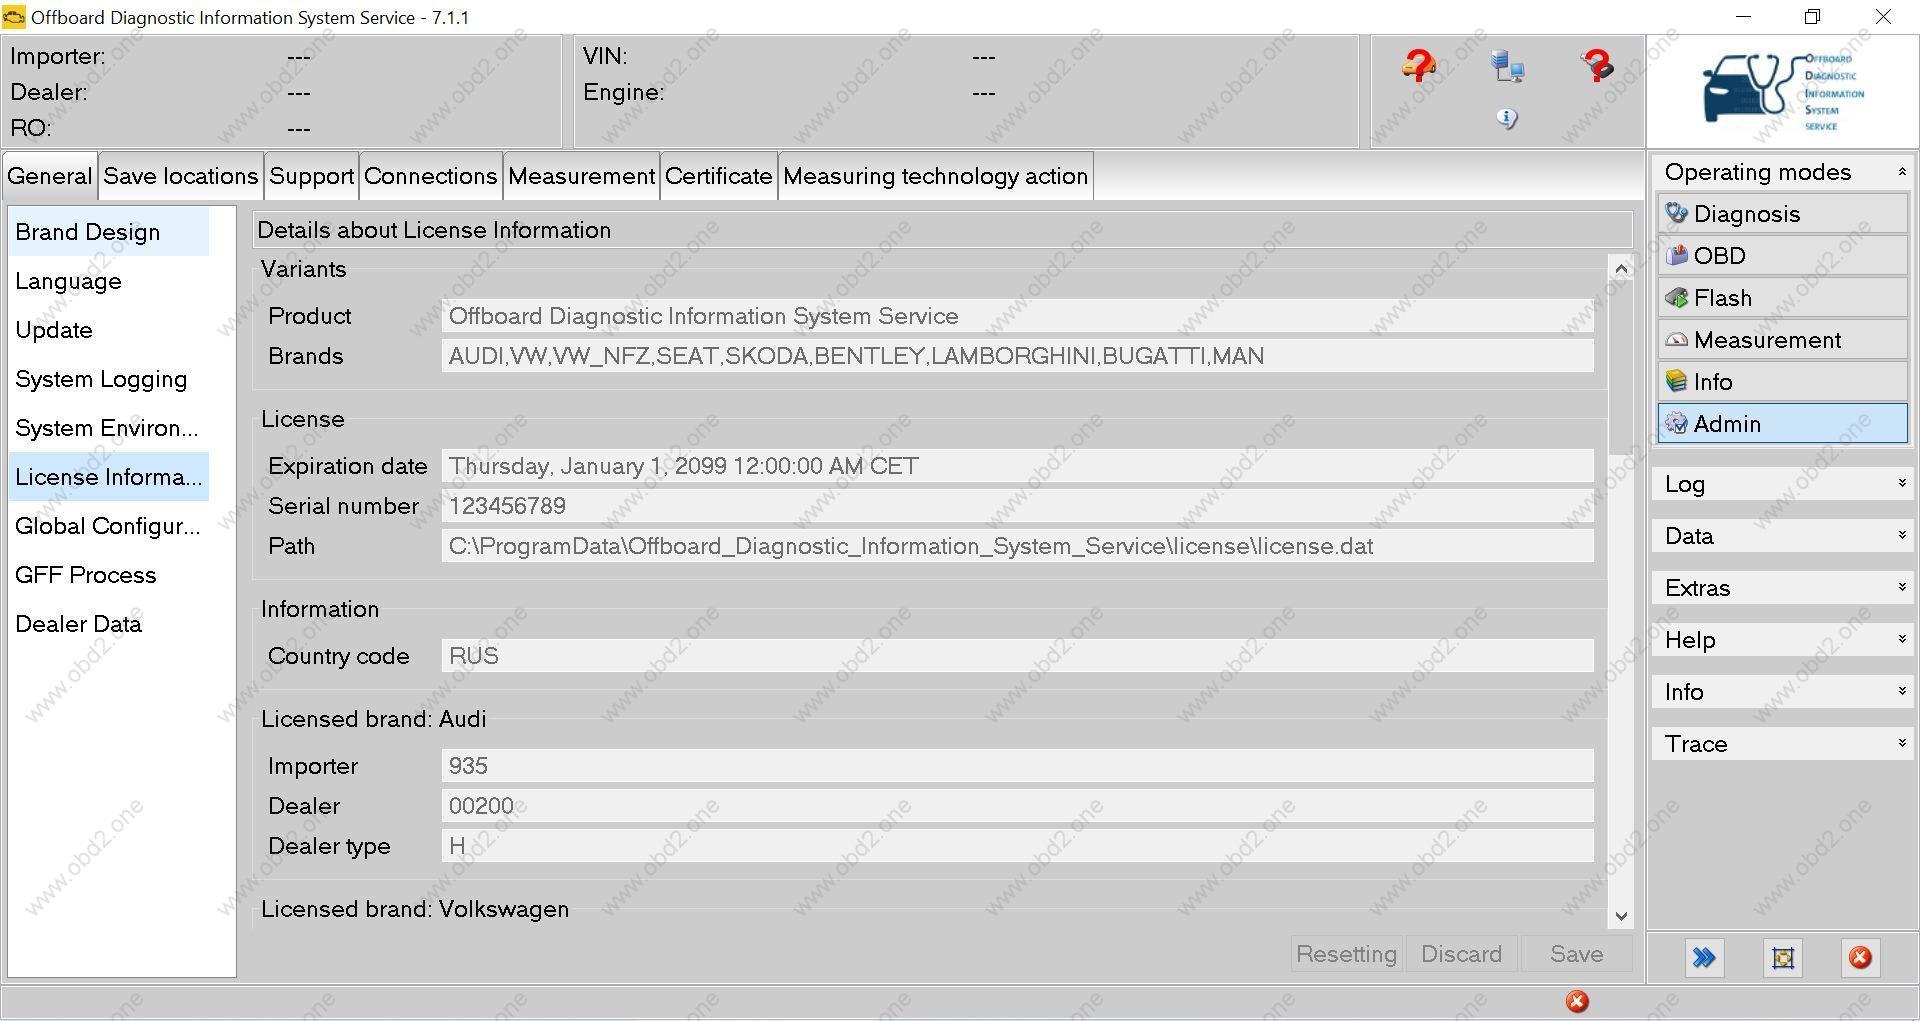 odis s 7.1.1 license